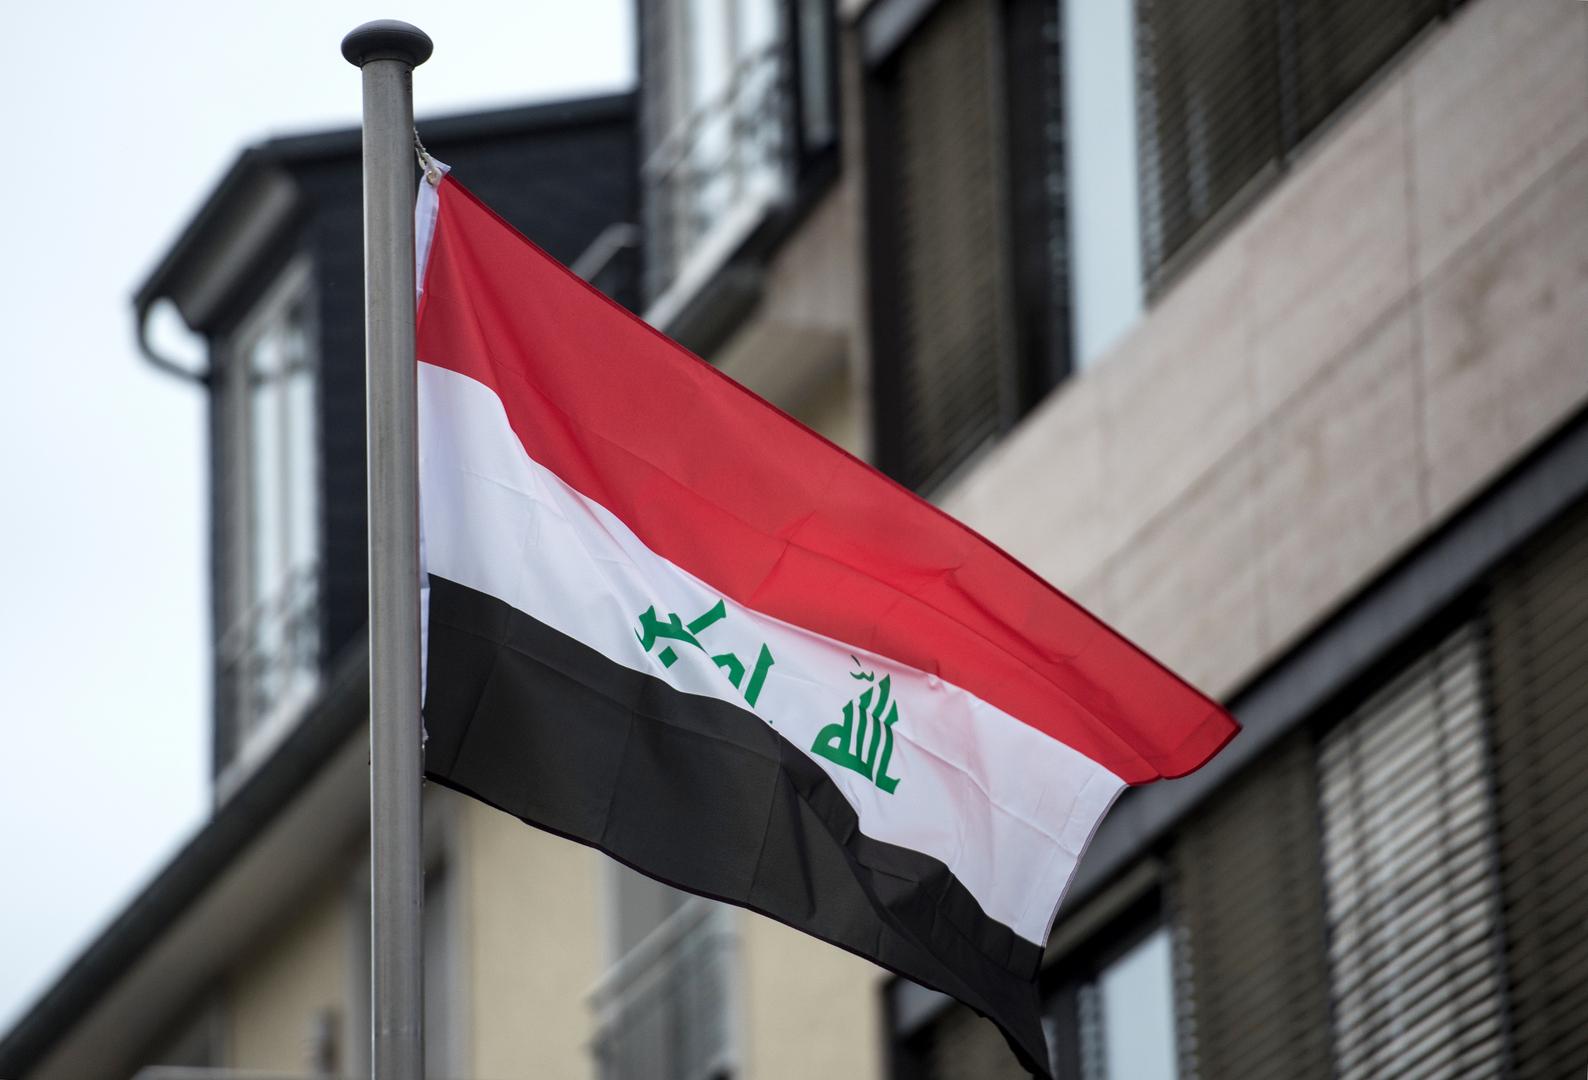 العراق.. اتخاذ إجراءات بحق ضابط تولى تحقيقا مع شخص أدين بجريمة لم يرتكبها